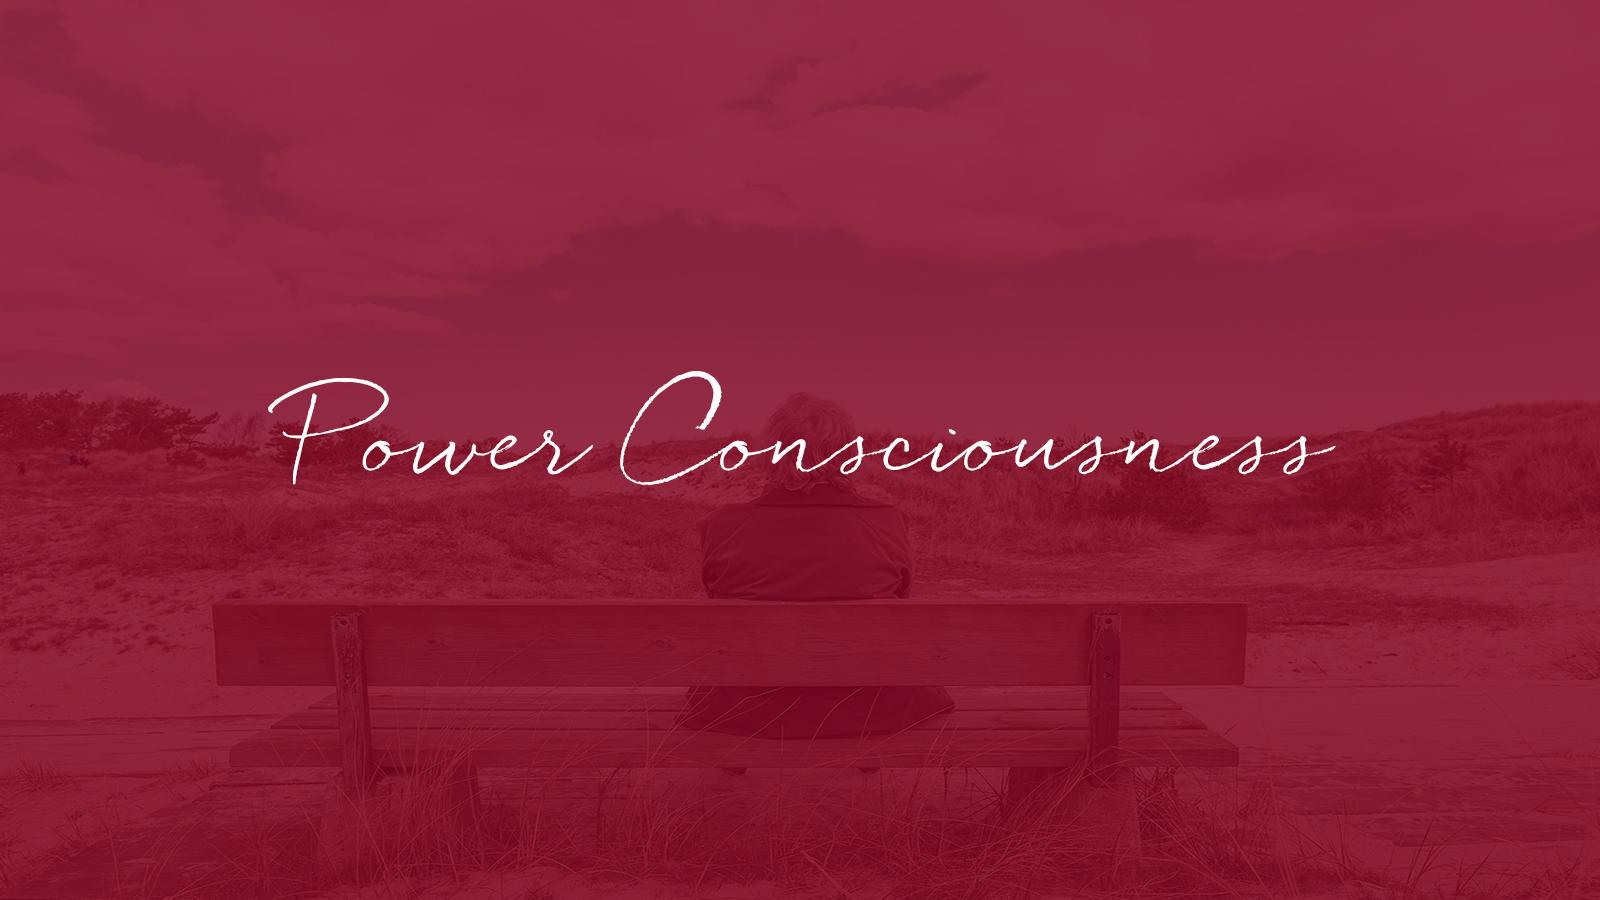 Power-Consciousness-1.jpg